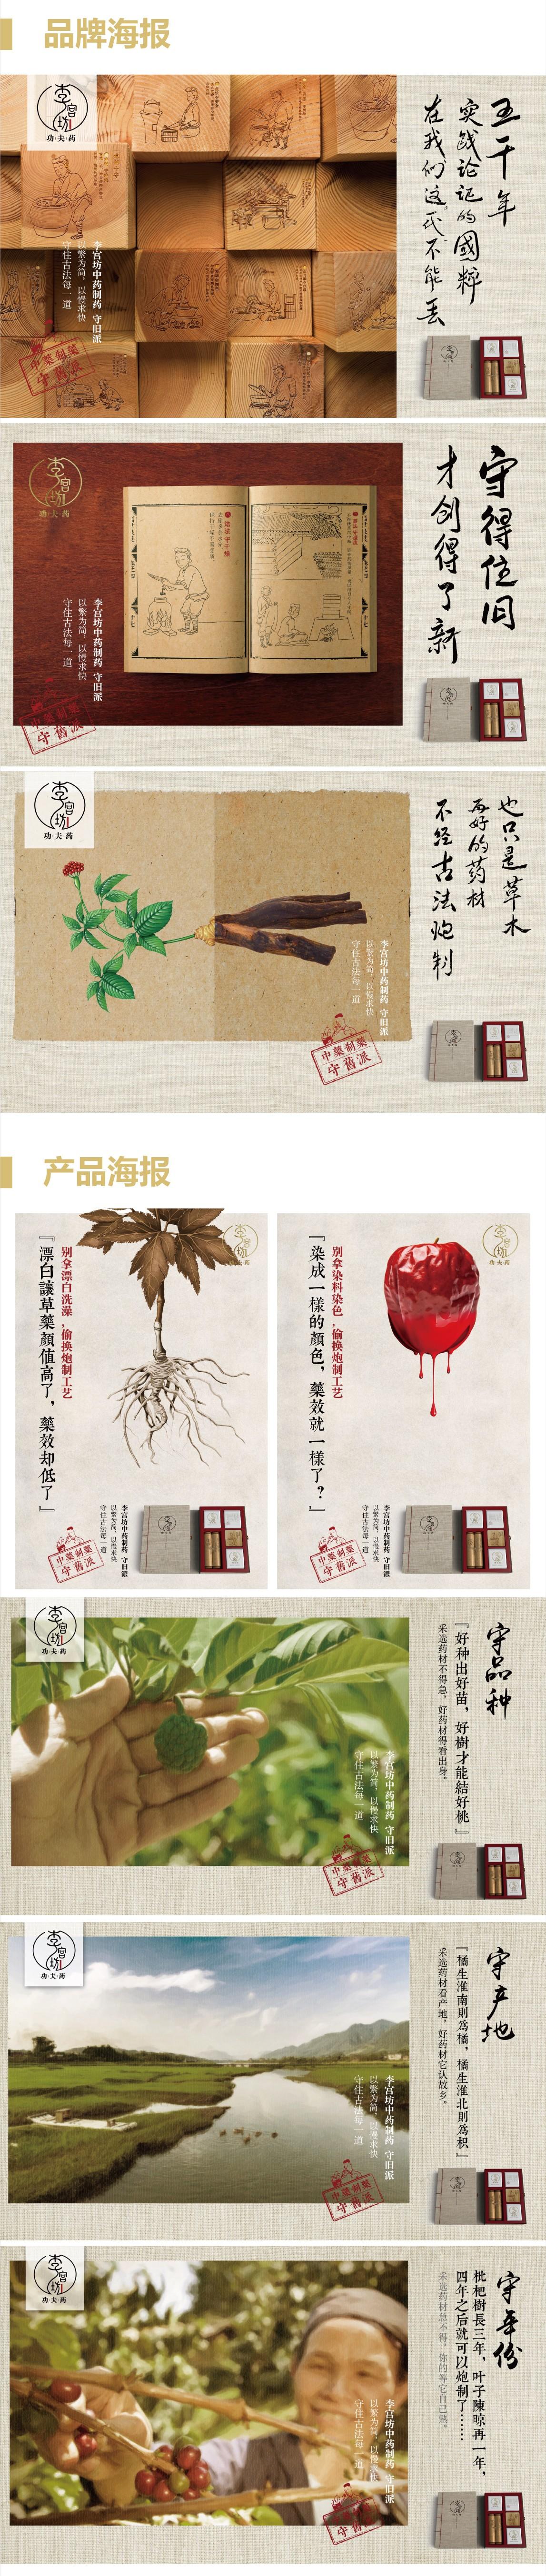 李宫坊网页-10